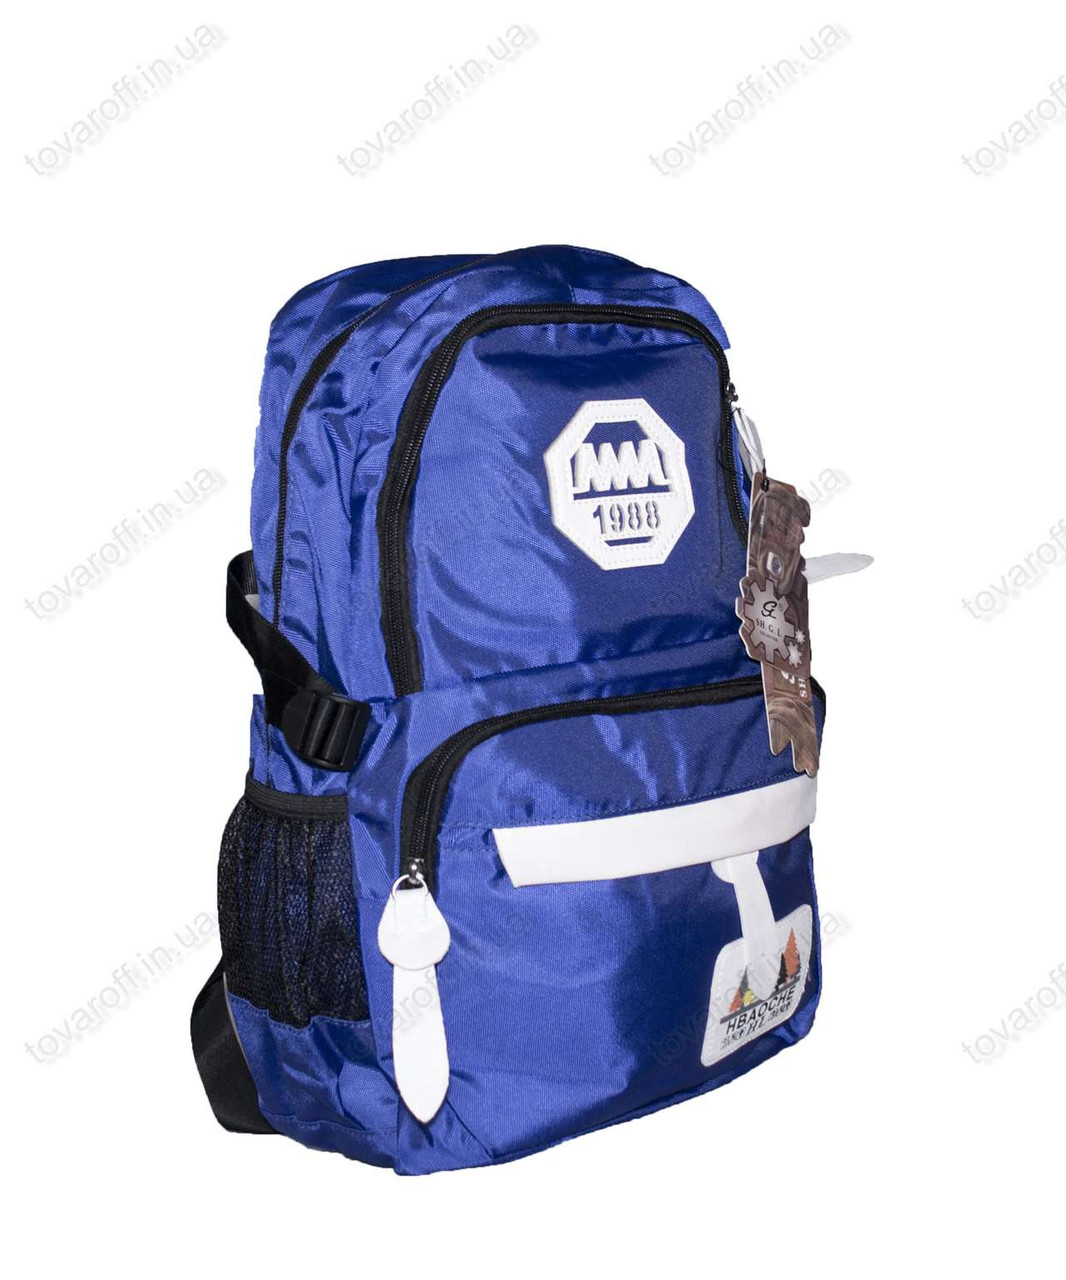 Оптом рюкзак школьный/спортивный - Синий - 901